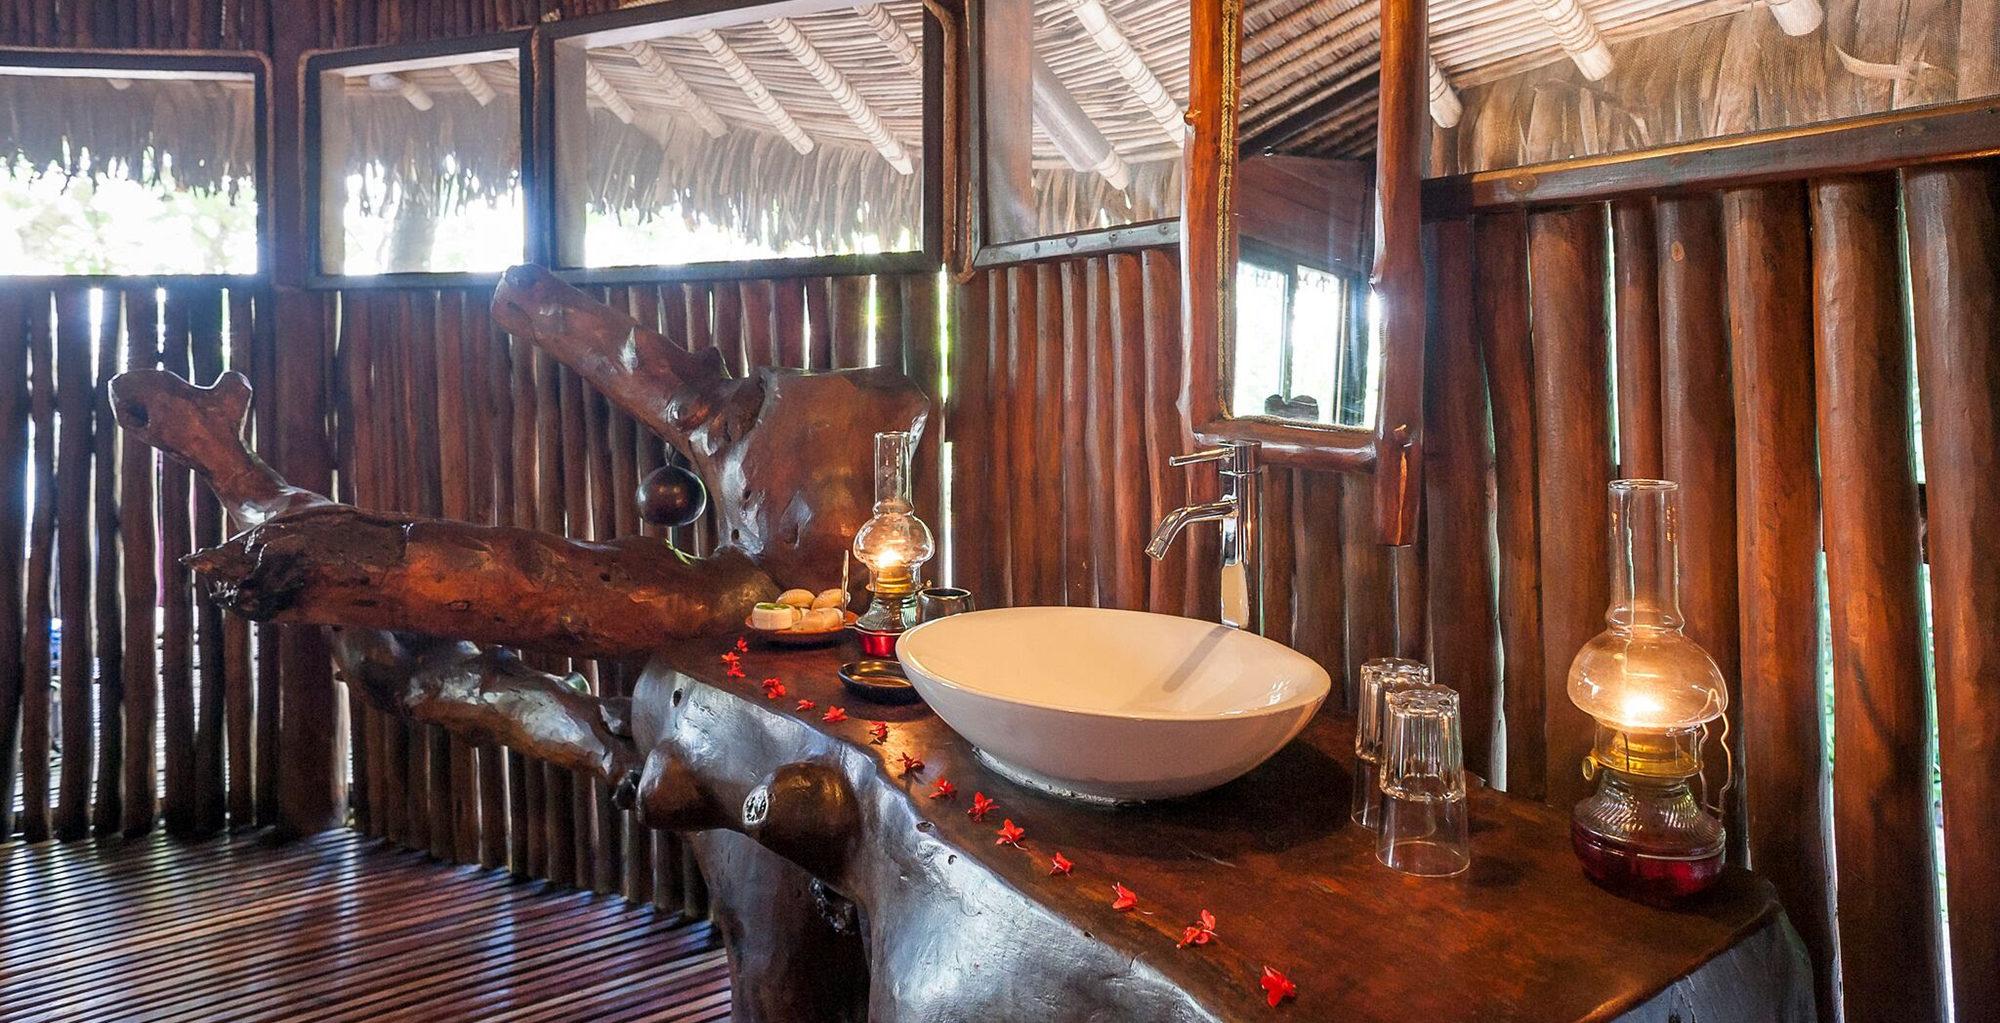 Madagascar-Manafiafy-Bathroom